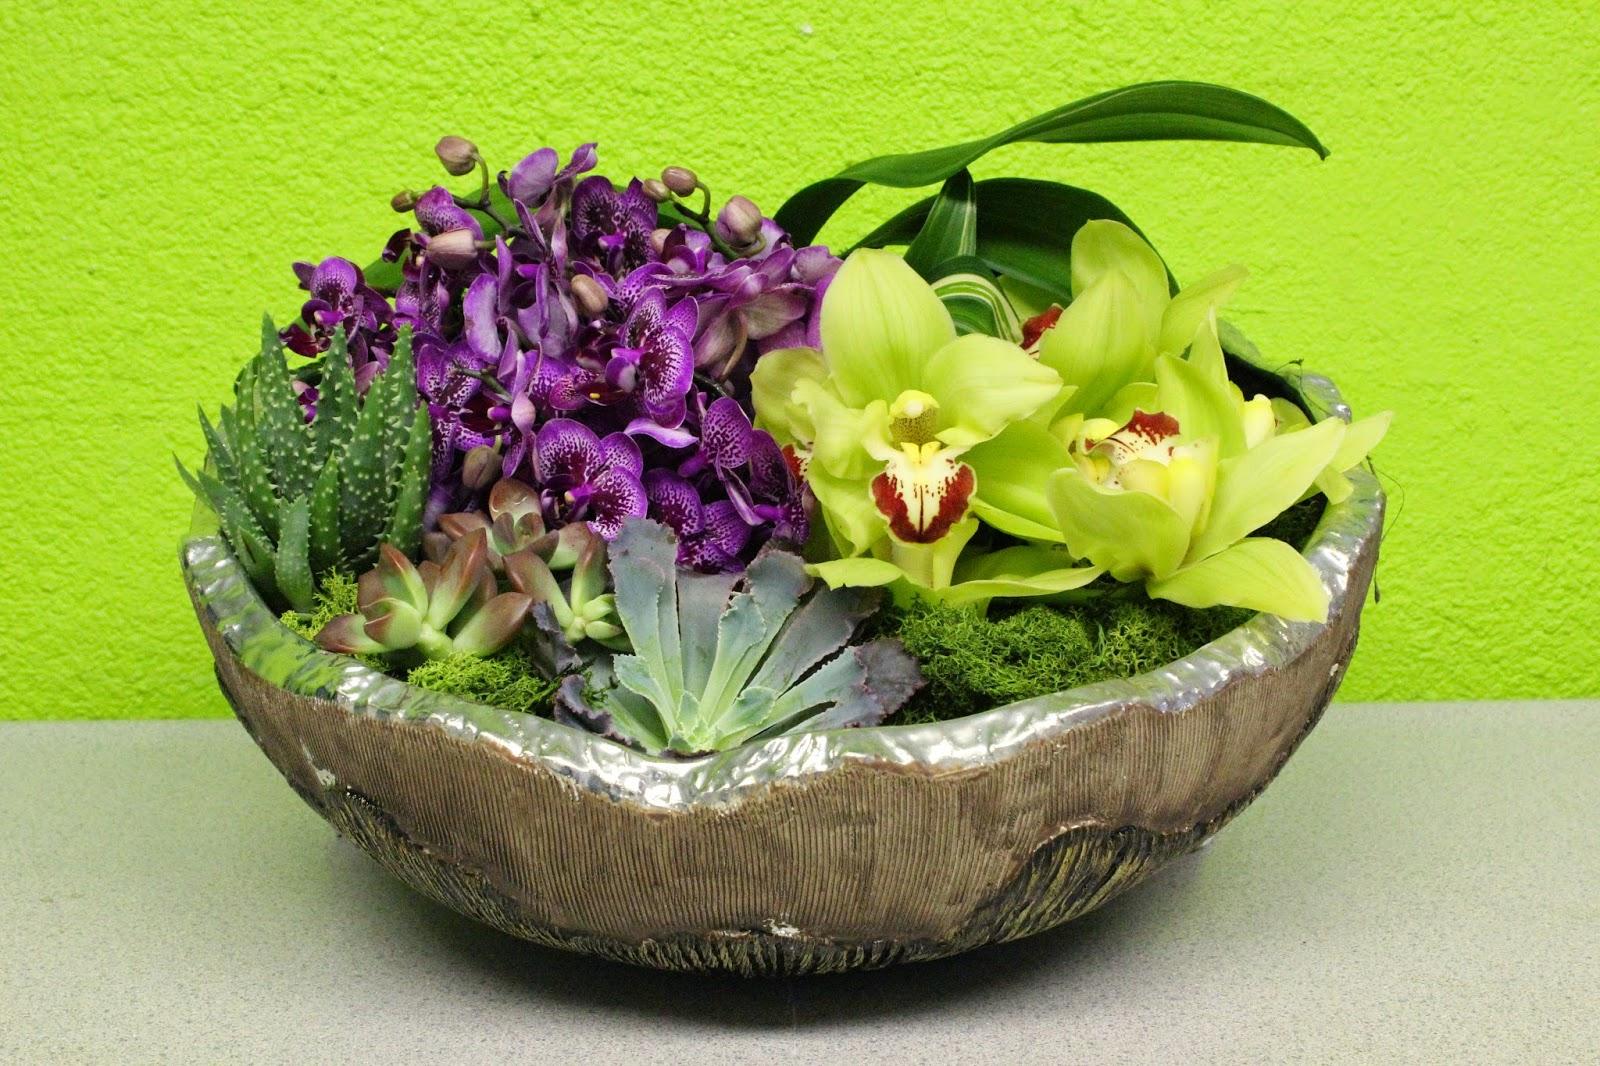 Las Vegas Flowers Premier Event Florists Fresh Orchids